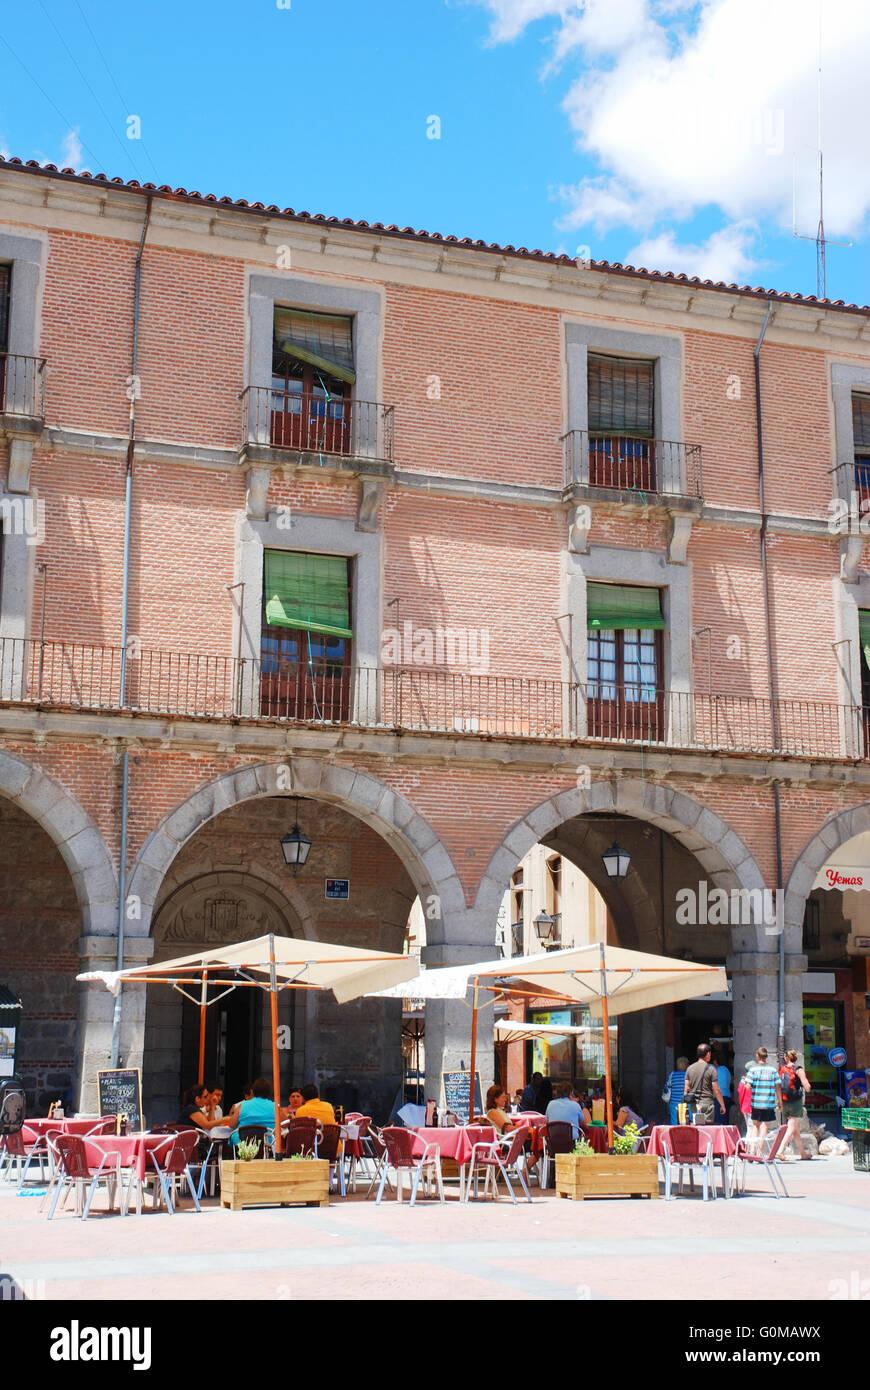 Terrace in Mercado Chico Square. Avila, Castilla Leon, Spain. - Stock Image